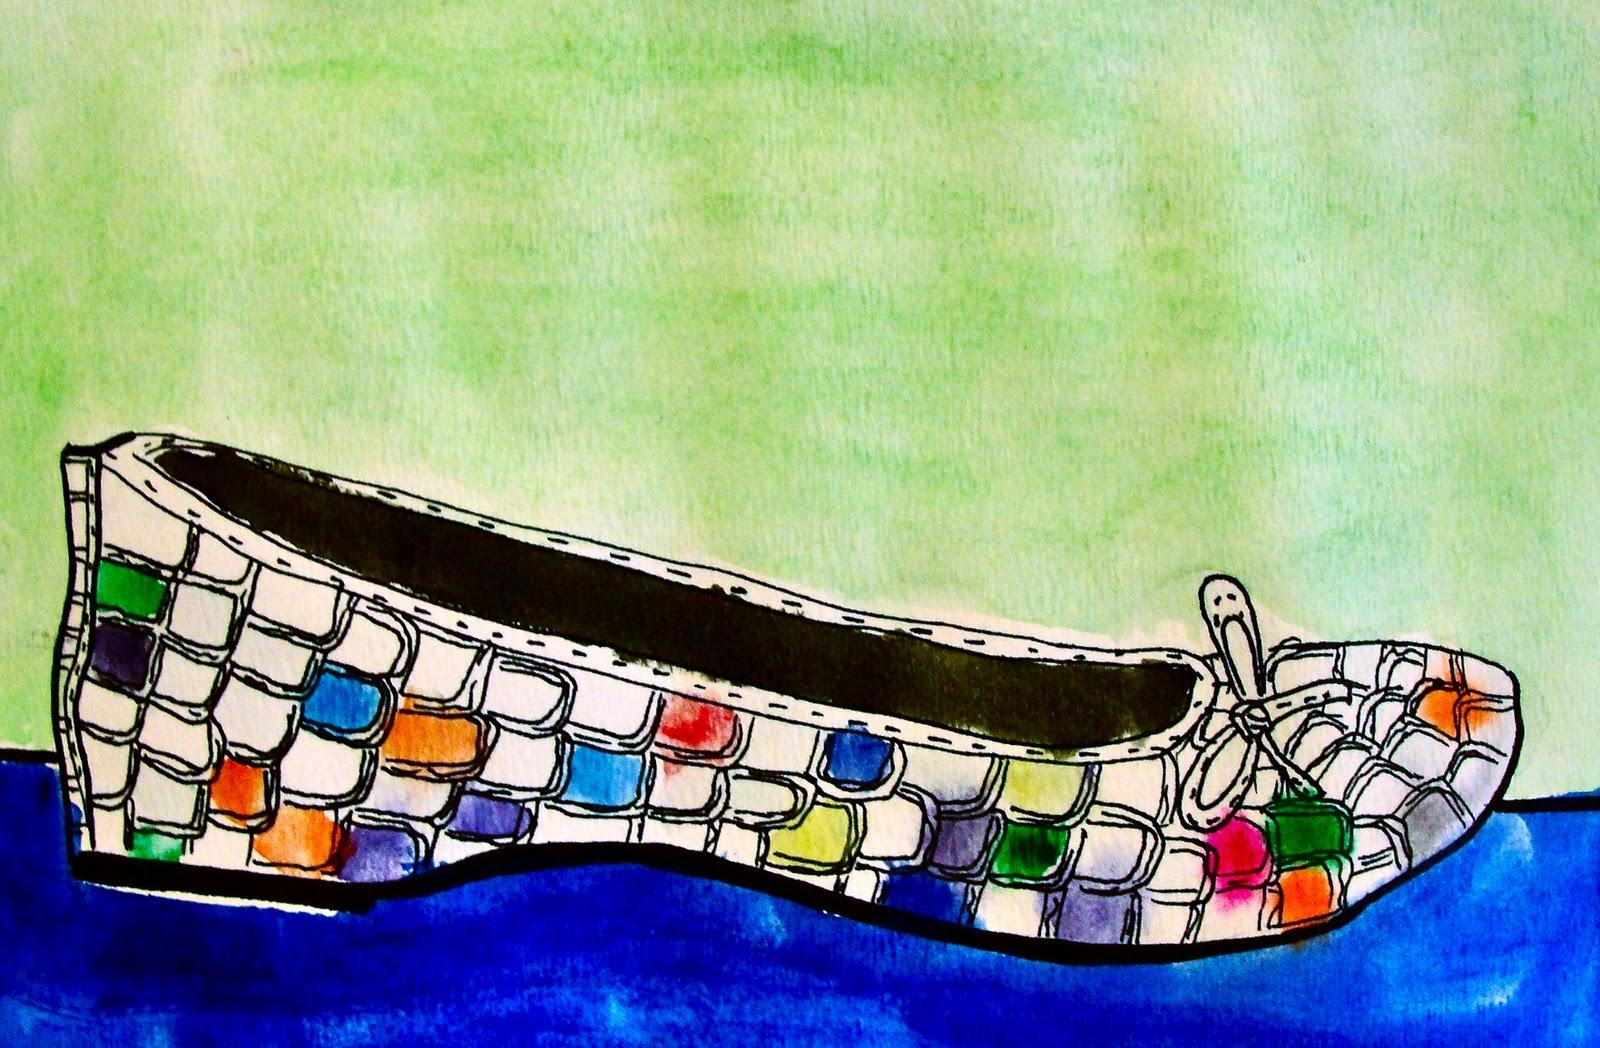 Contour Line Drawing Shoes Lesson Plan : Da vinci's wings: 5th grade contour & construction line shoe watercolors